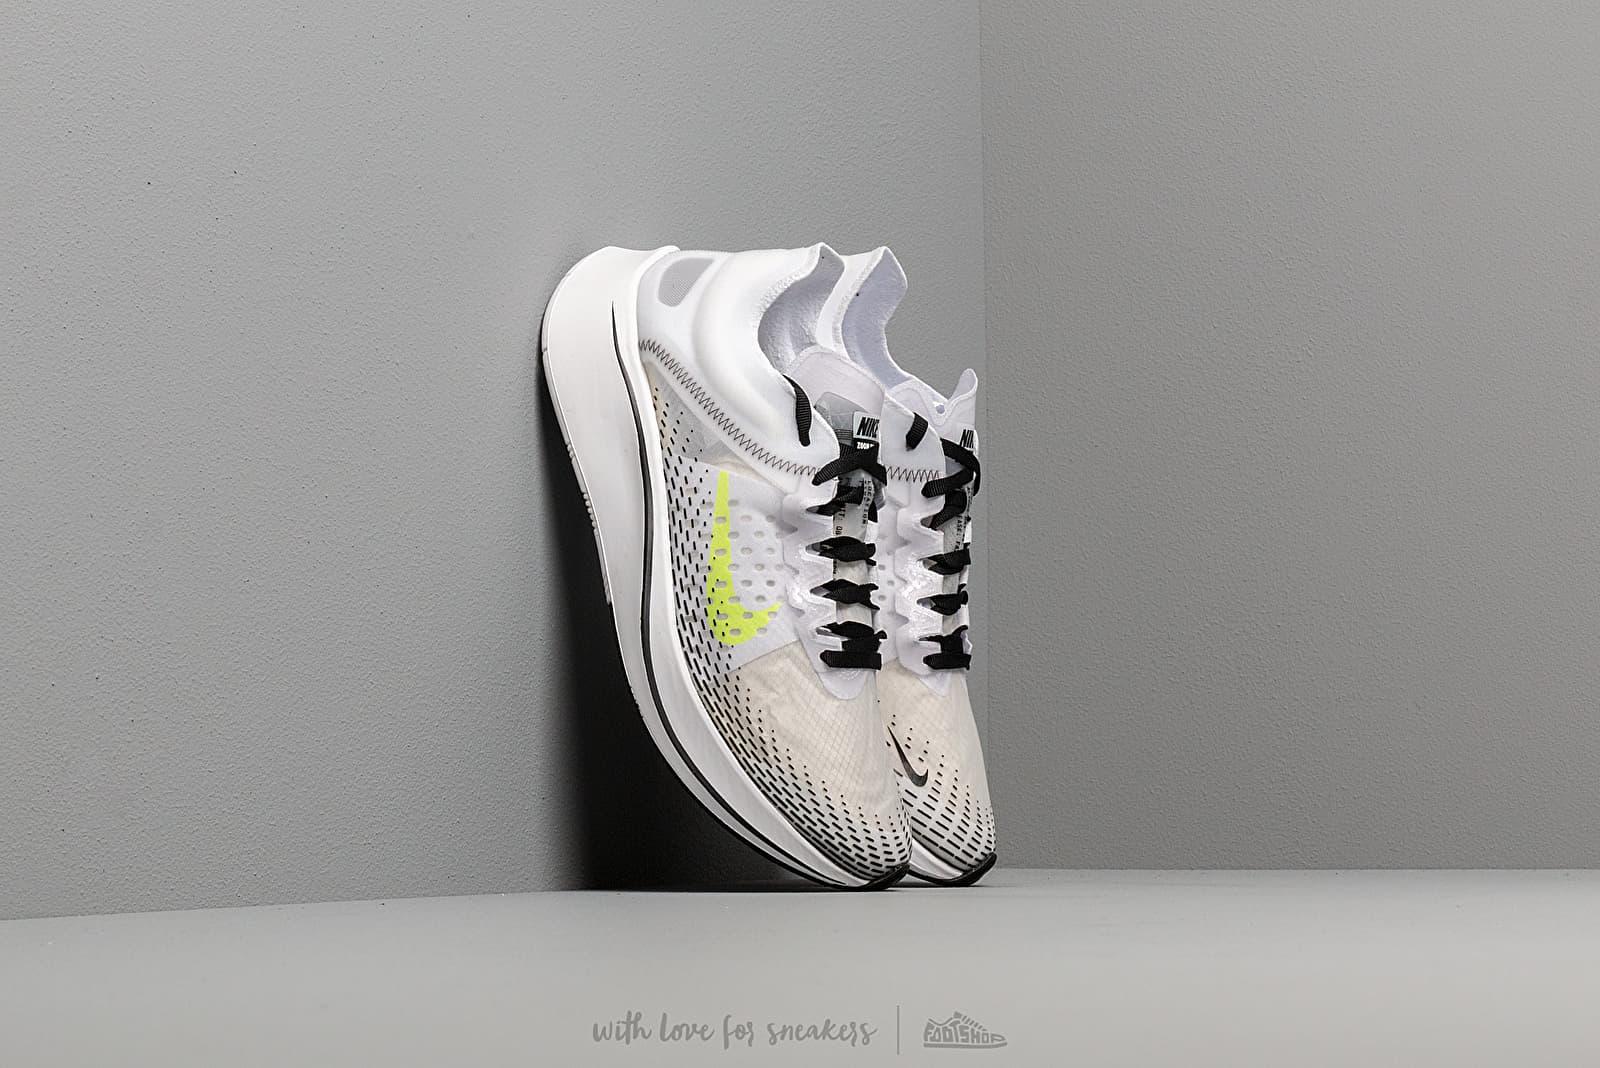 Nike Zoom Fly Sp Fast White/ Volt-Black za skvělou cenu 4 290 Kč koupíte na Footshop.cz